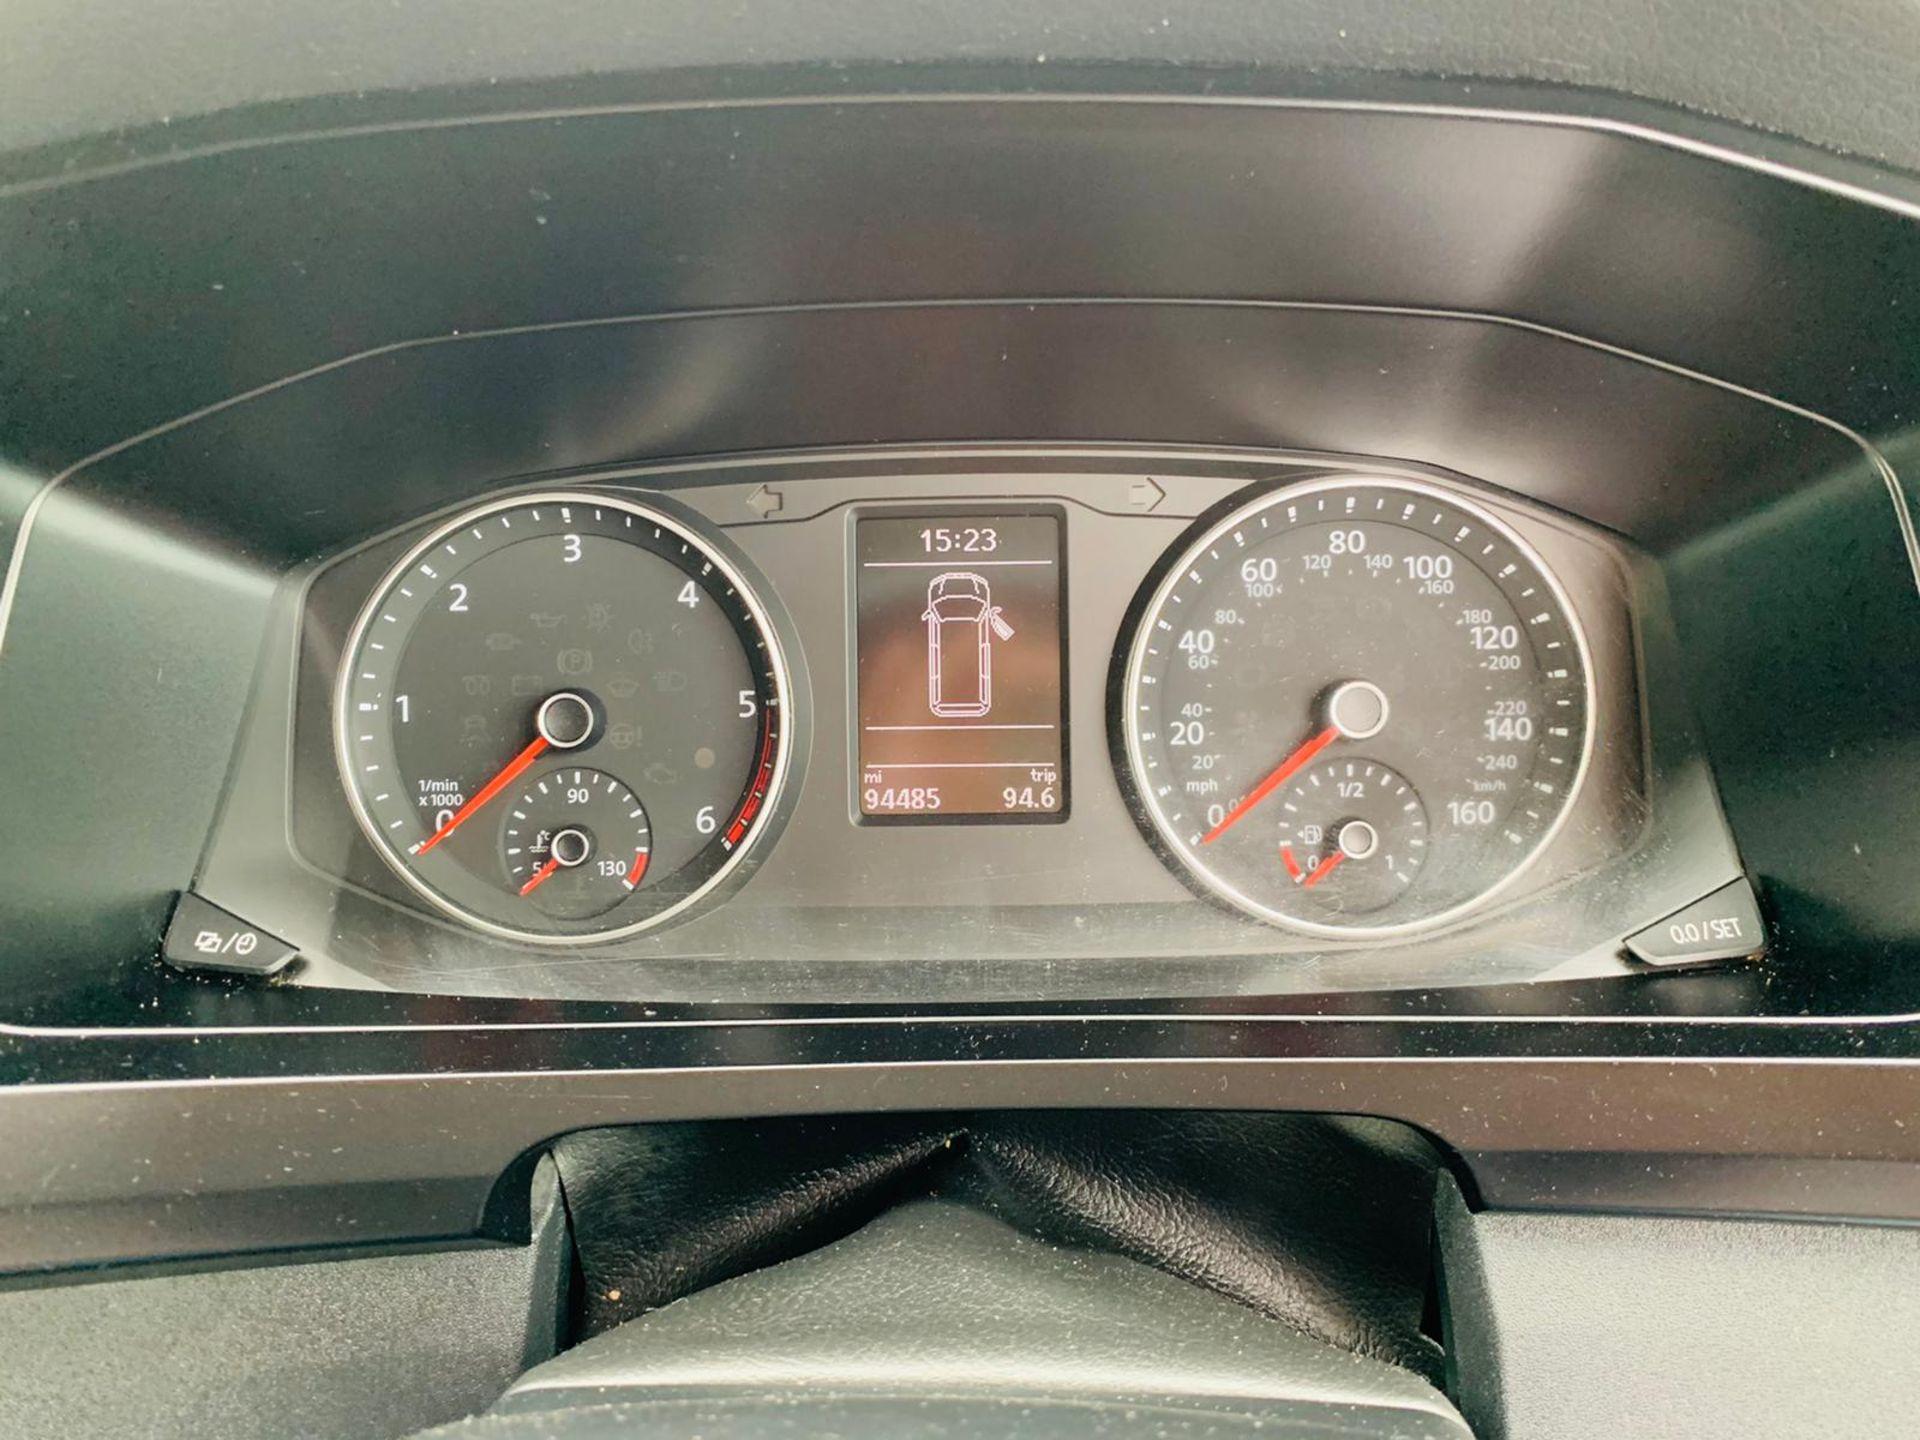 Reserve Met - Volkswagen Transporter T30 2.0 TDI Trendline - 2017 Model - Euro 6 - 1 Owner - Image 18 of 18